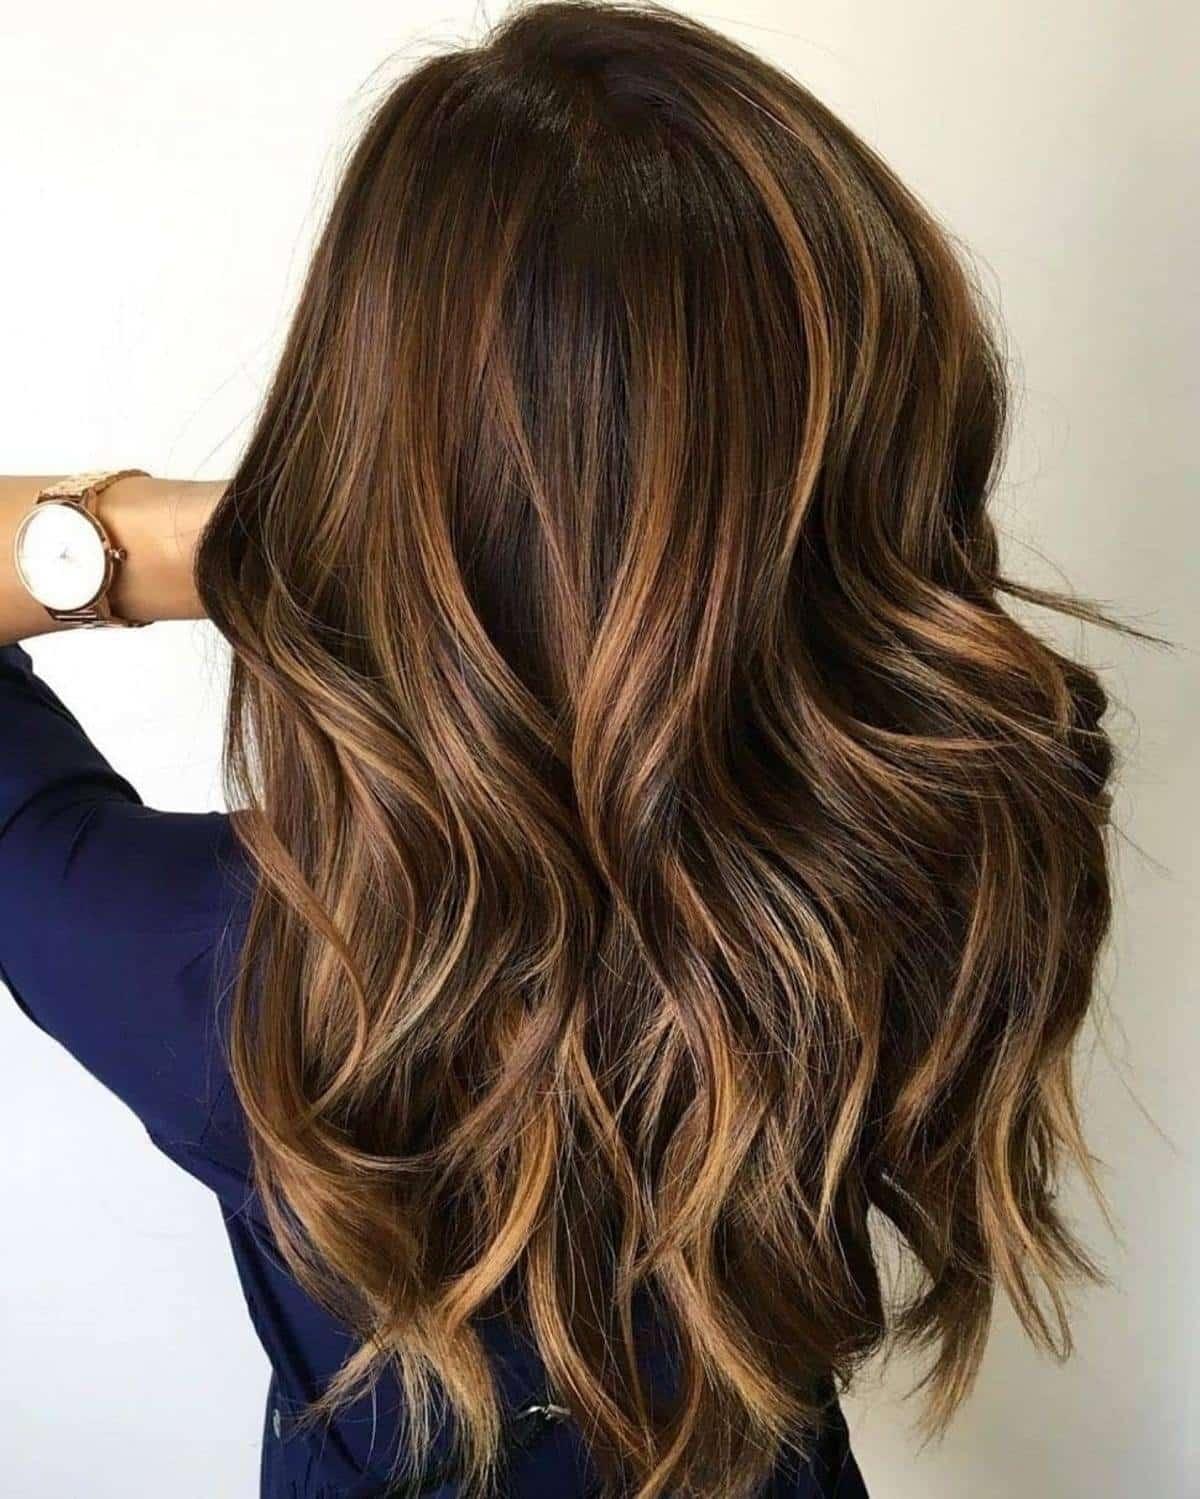 Cheveux foncés naturels avec des mèches caramel